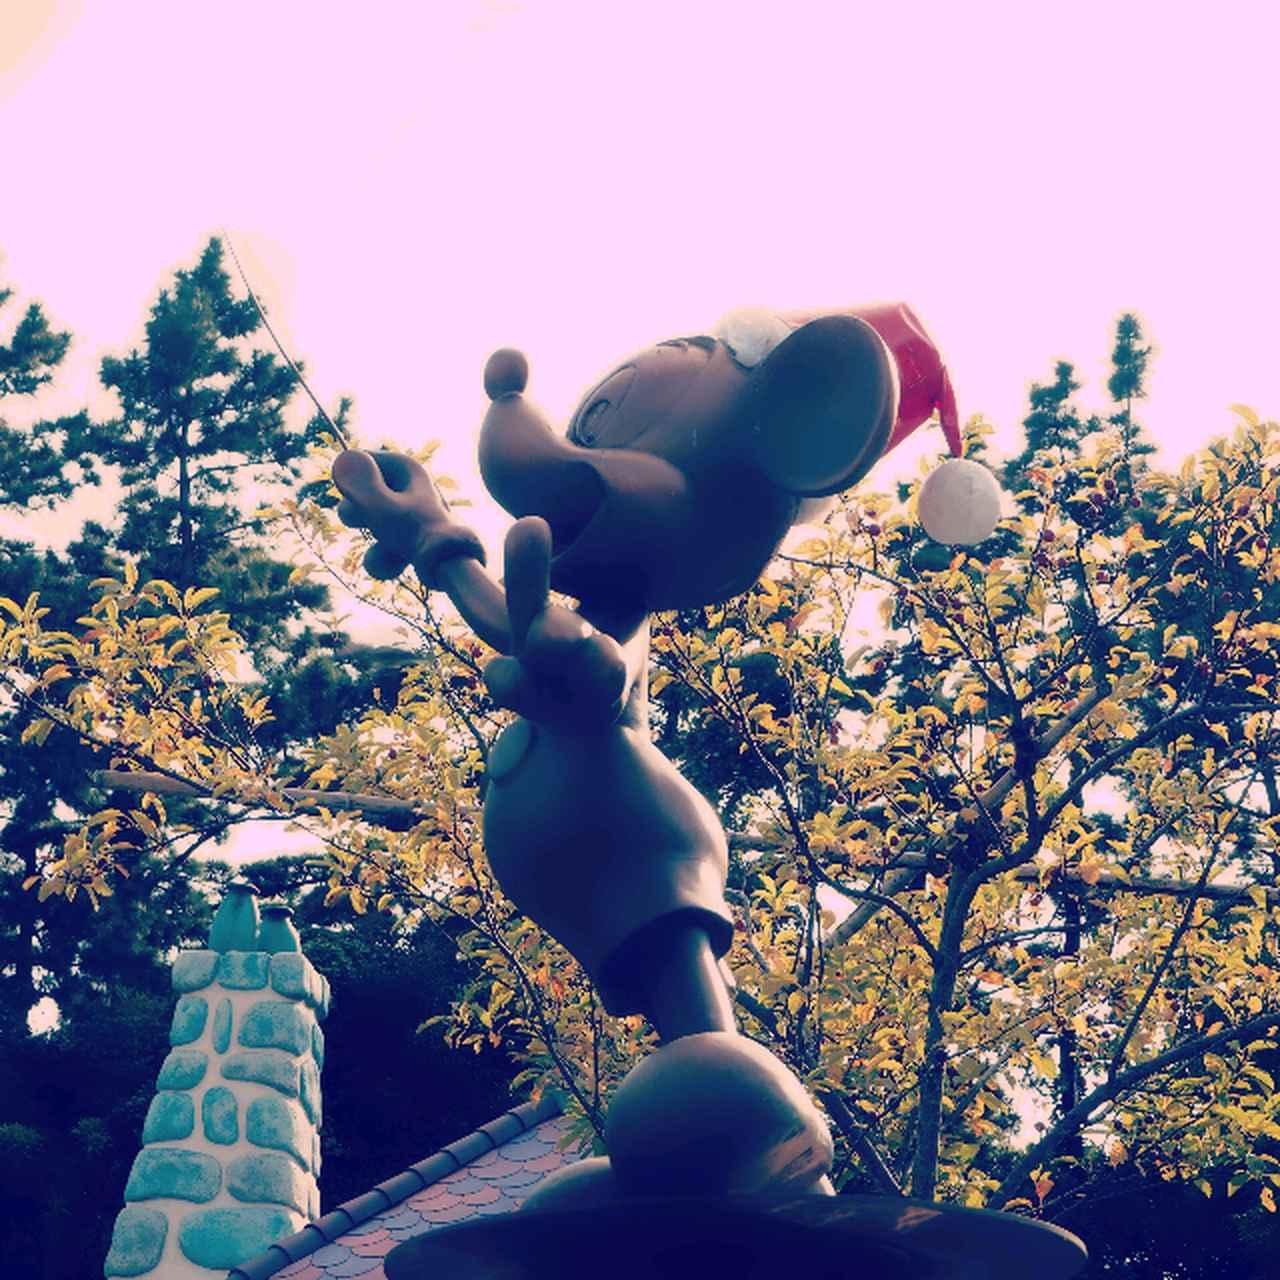 クリスマスイベント開催中の東京ディズニーランド。インスタ映えする撮影スポット10選  [FRaU]